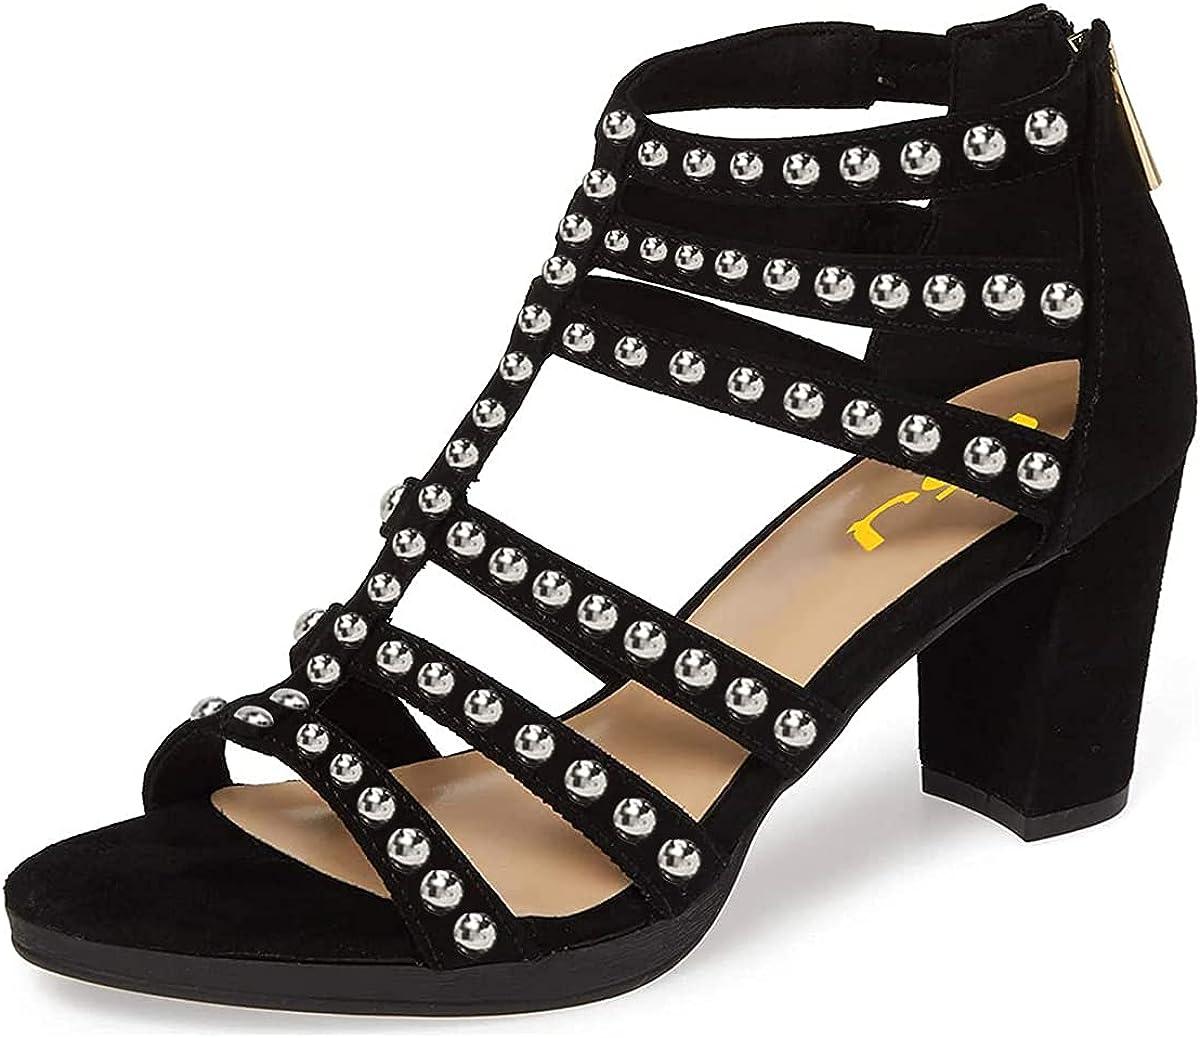 FSJ Women Chunky Mid Popular overseas High Heel Open Toe T-Strap Cu 100% quality warranty! Pumps Sandals